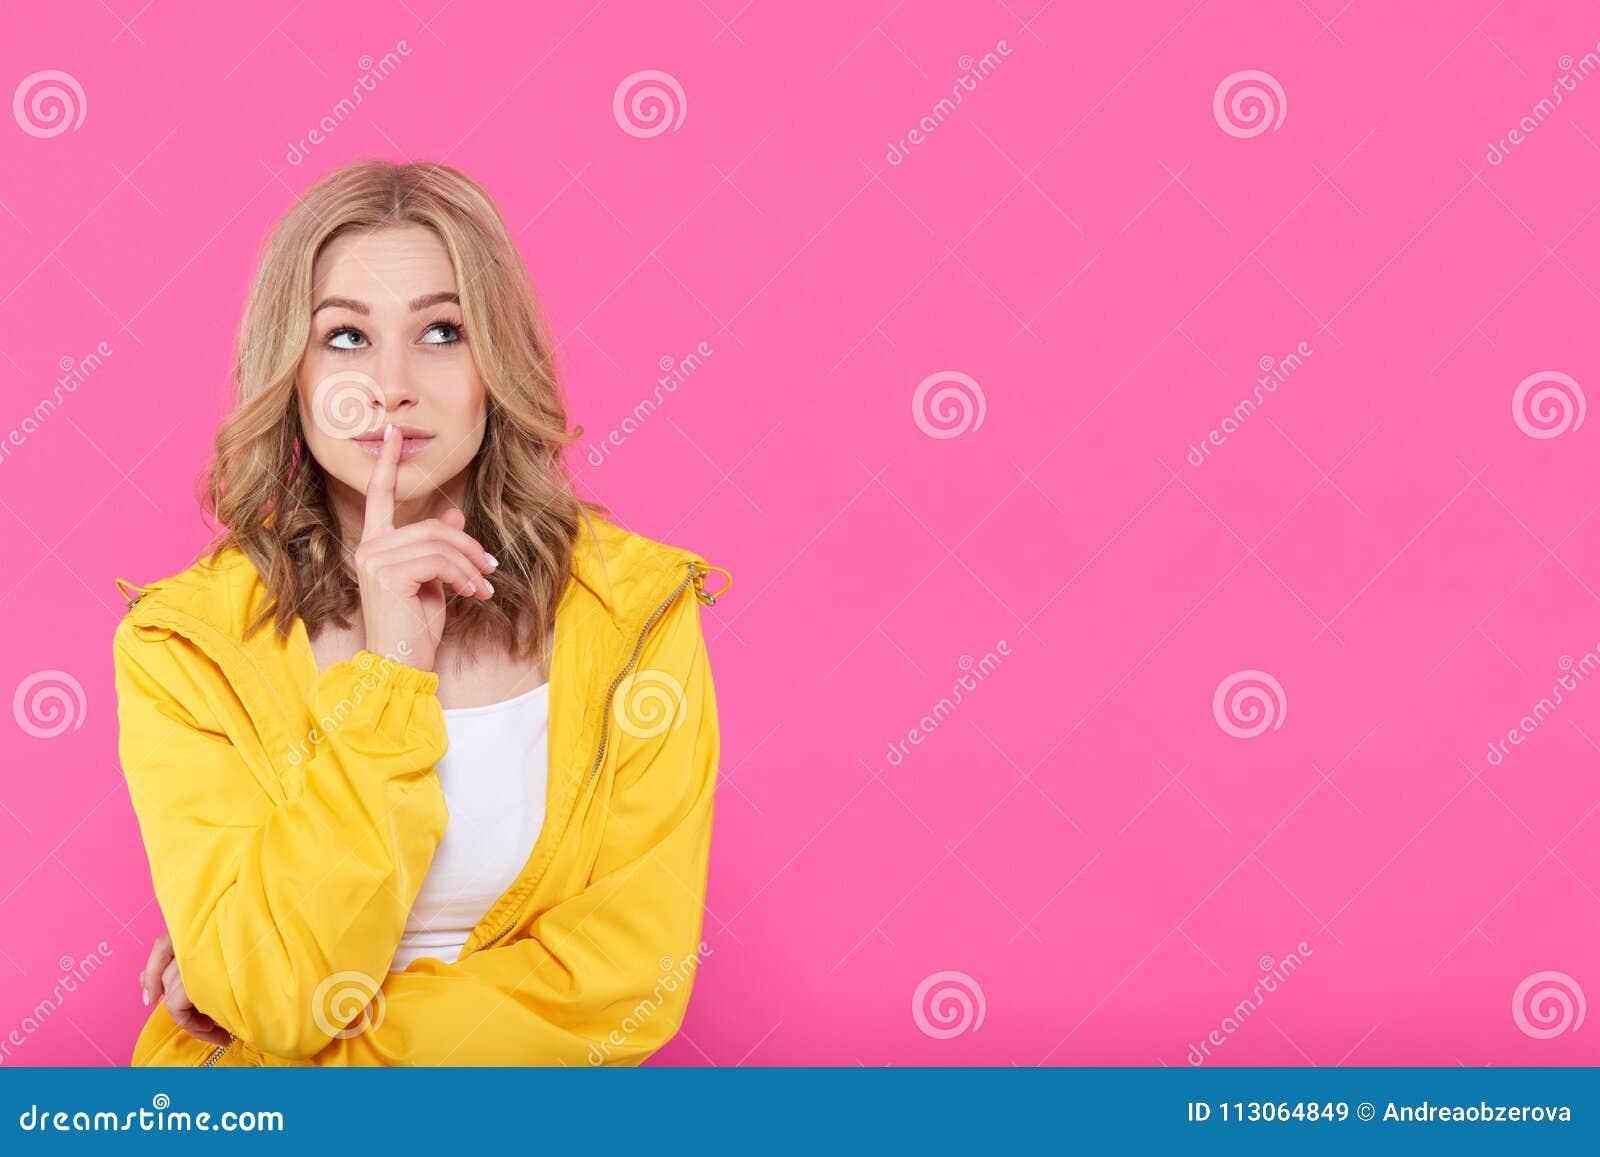 Belle fille à la mode dans des vêtements colorés profondément dans les pensées, recherchant avec le doigt sur des lèvres Portrait